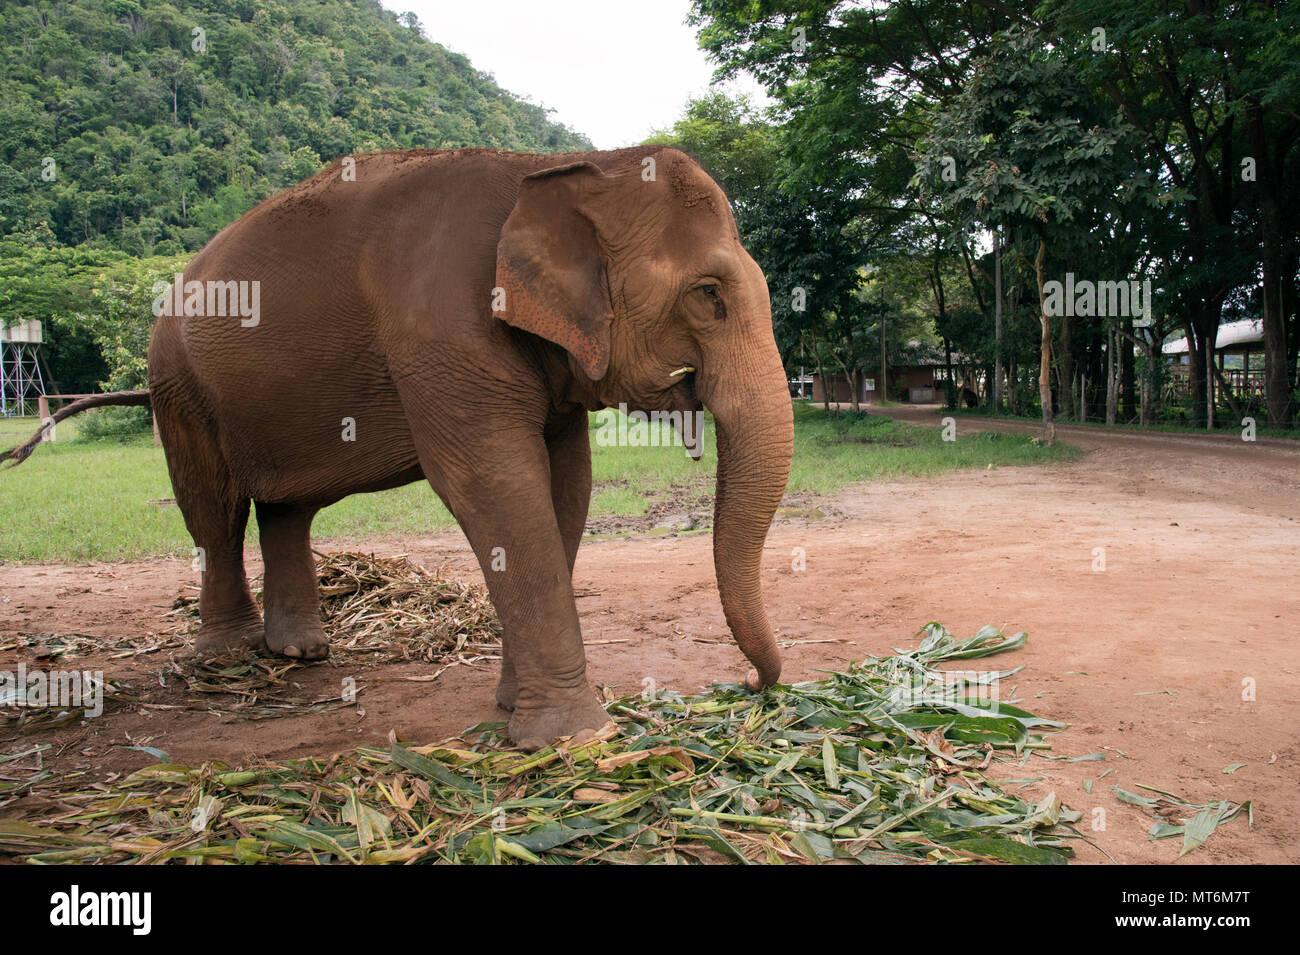 Elephant Nature Park - Stock Image